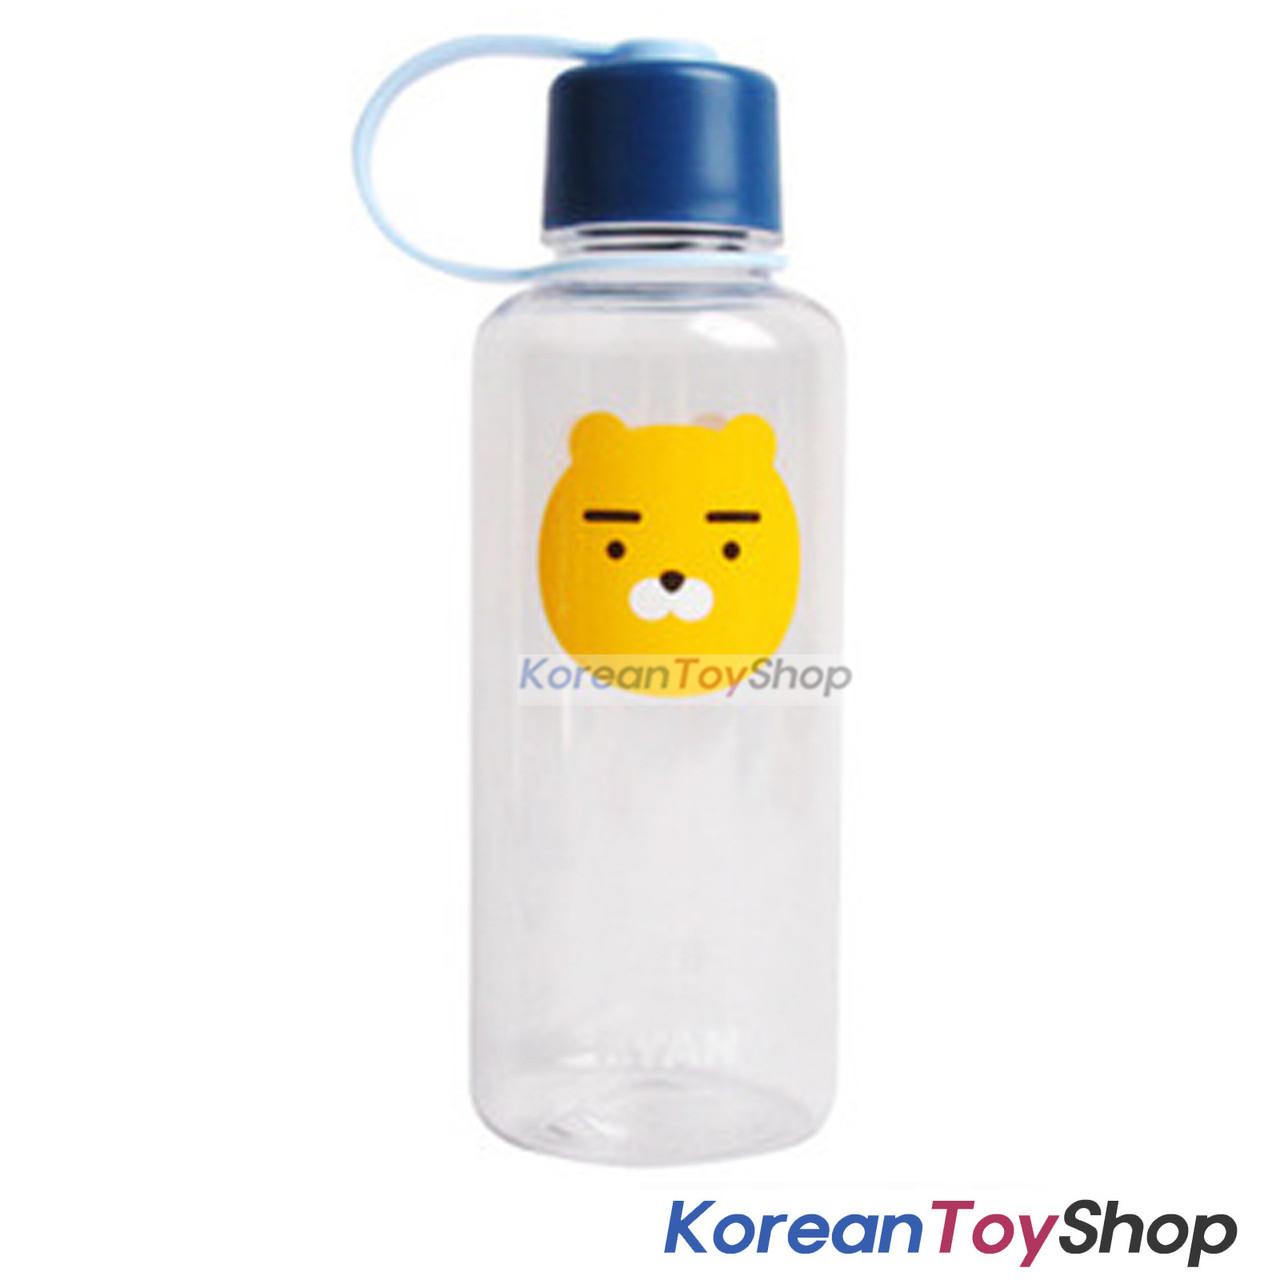 Kakao Friends Ryan Easy Handle Water Bottle 480ml Tritan Made In